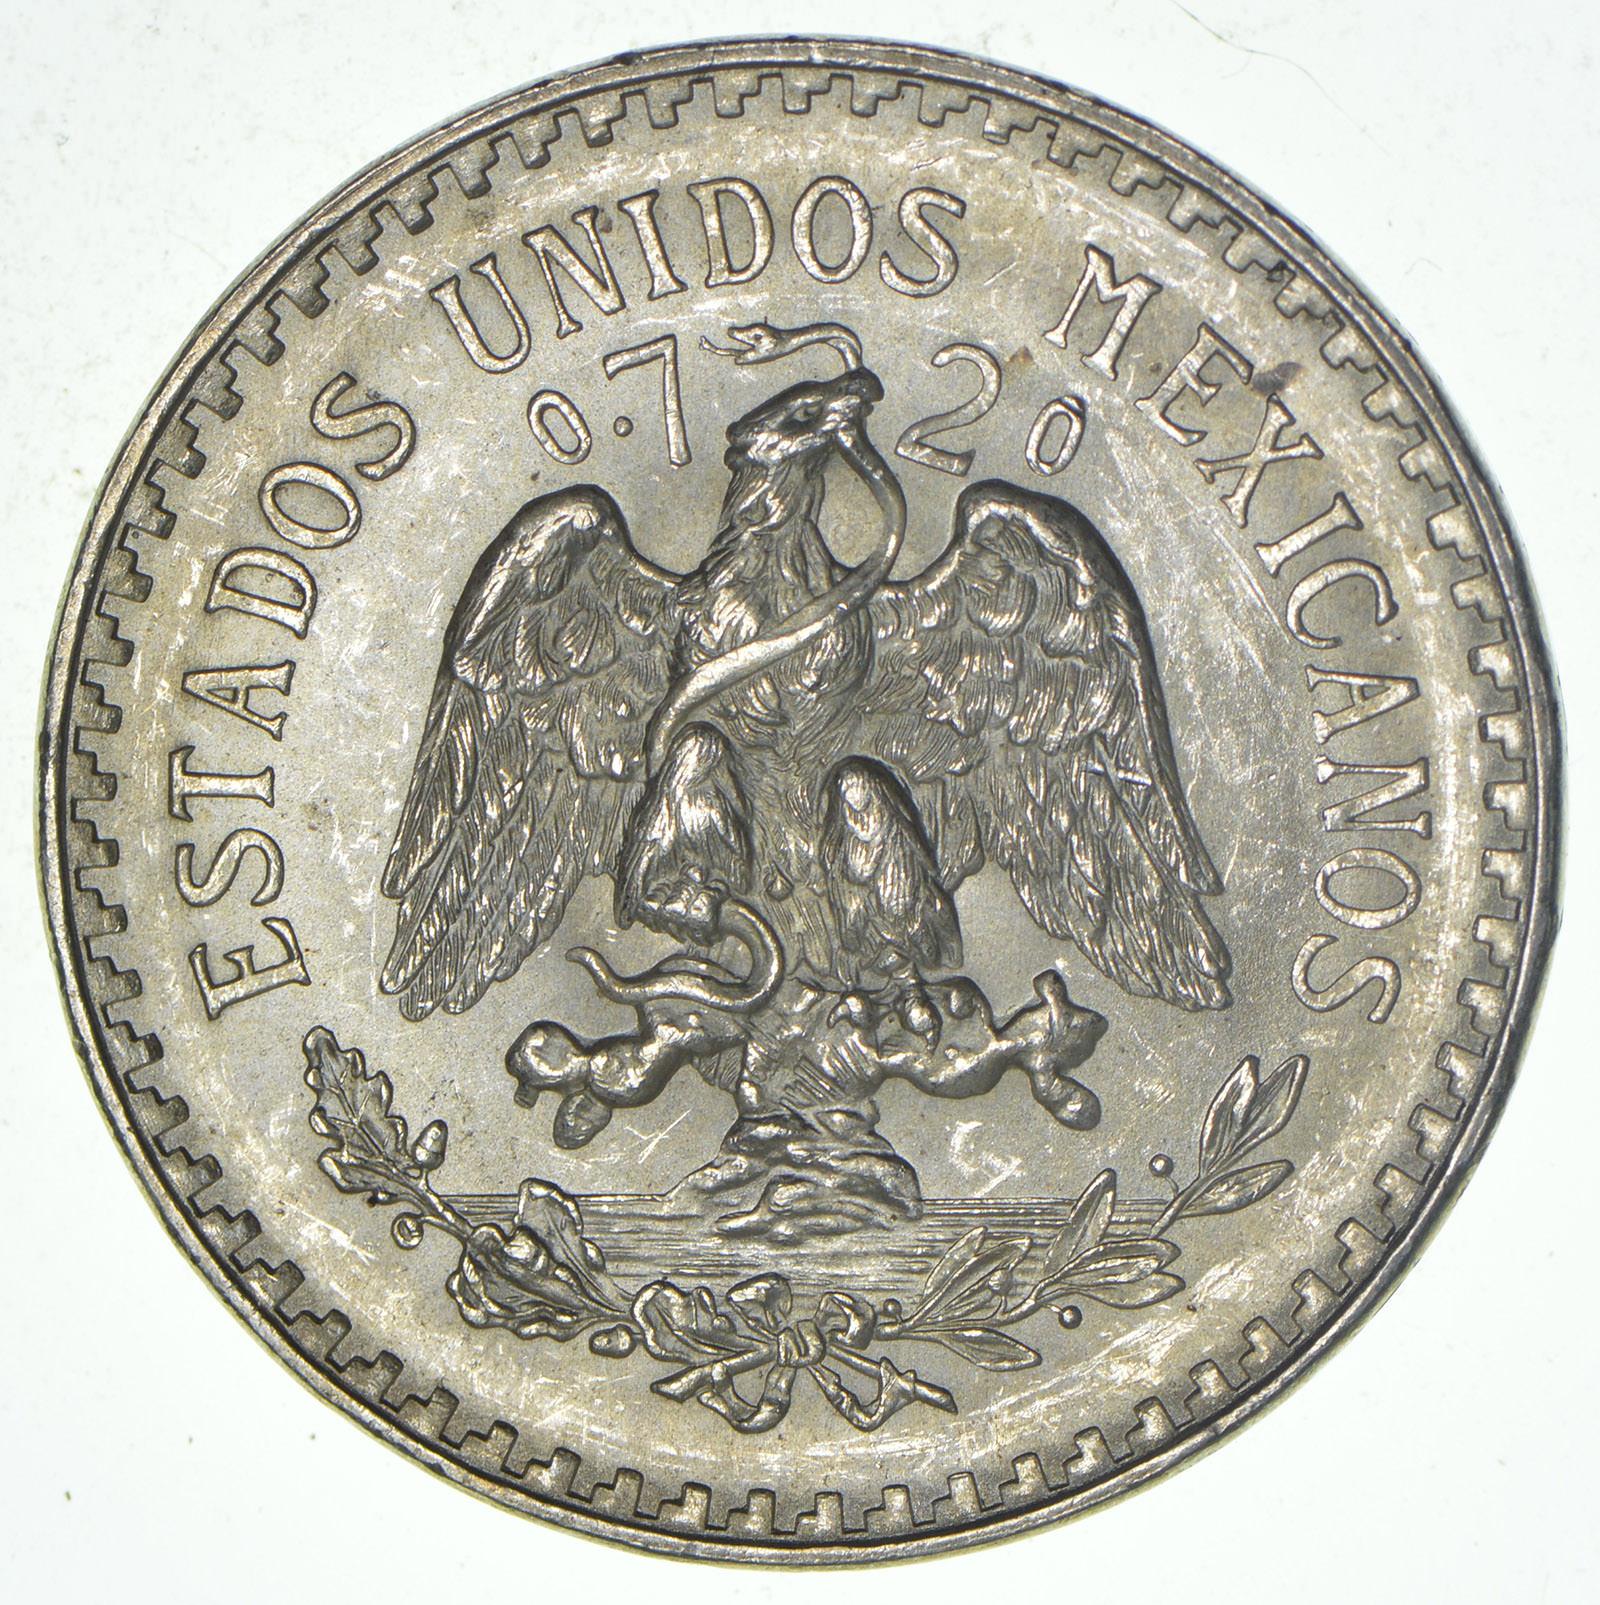 1944 Mexico Brilliant Uncirculated Silver Peso Coin